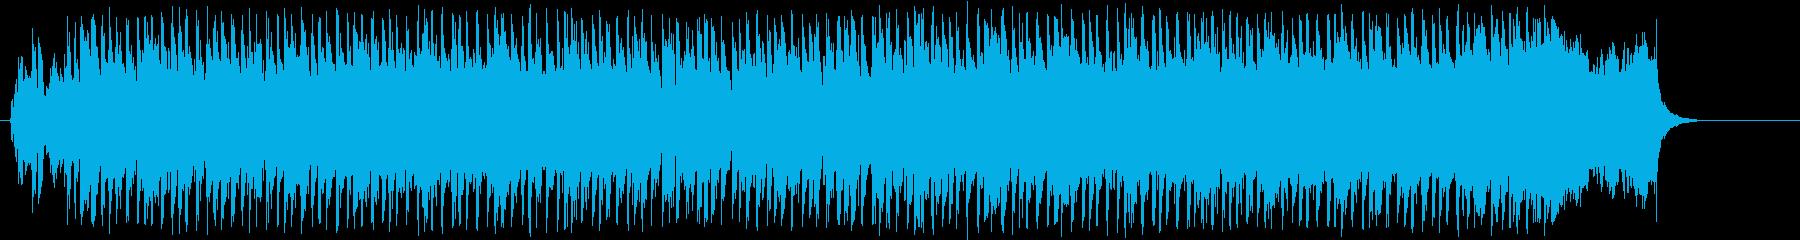 大草原をイメージしたアンサンブルの再生済みの波形